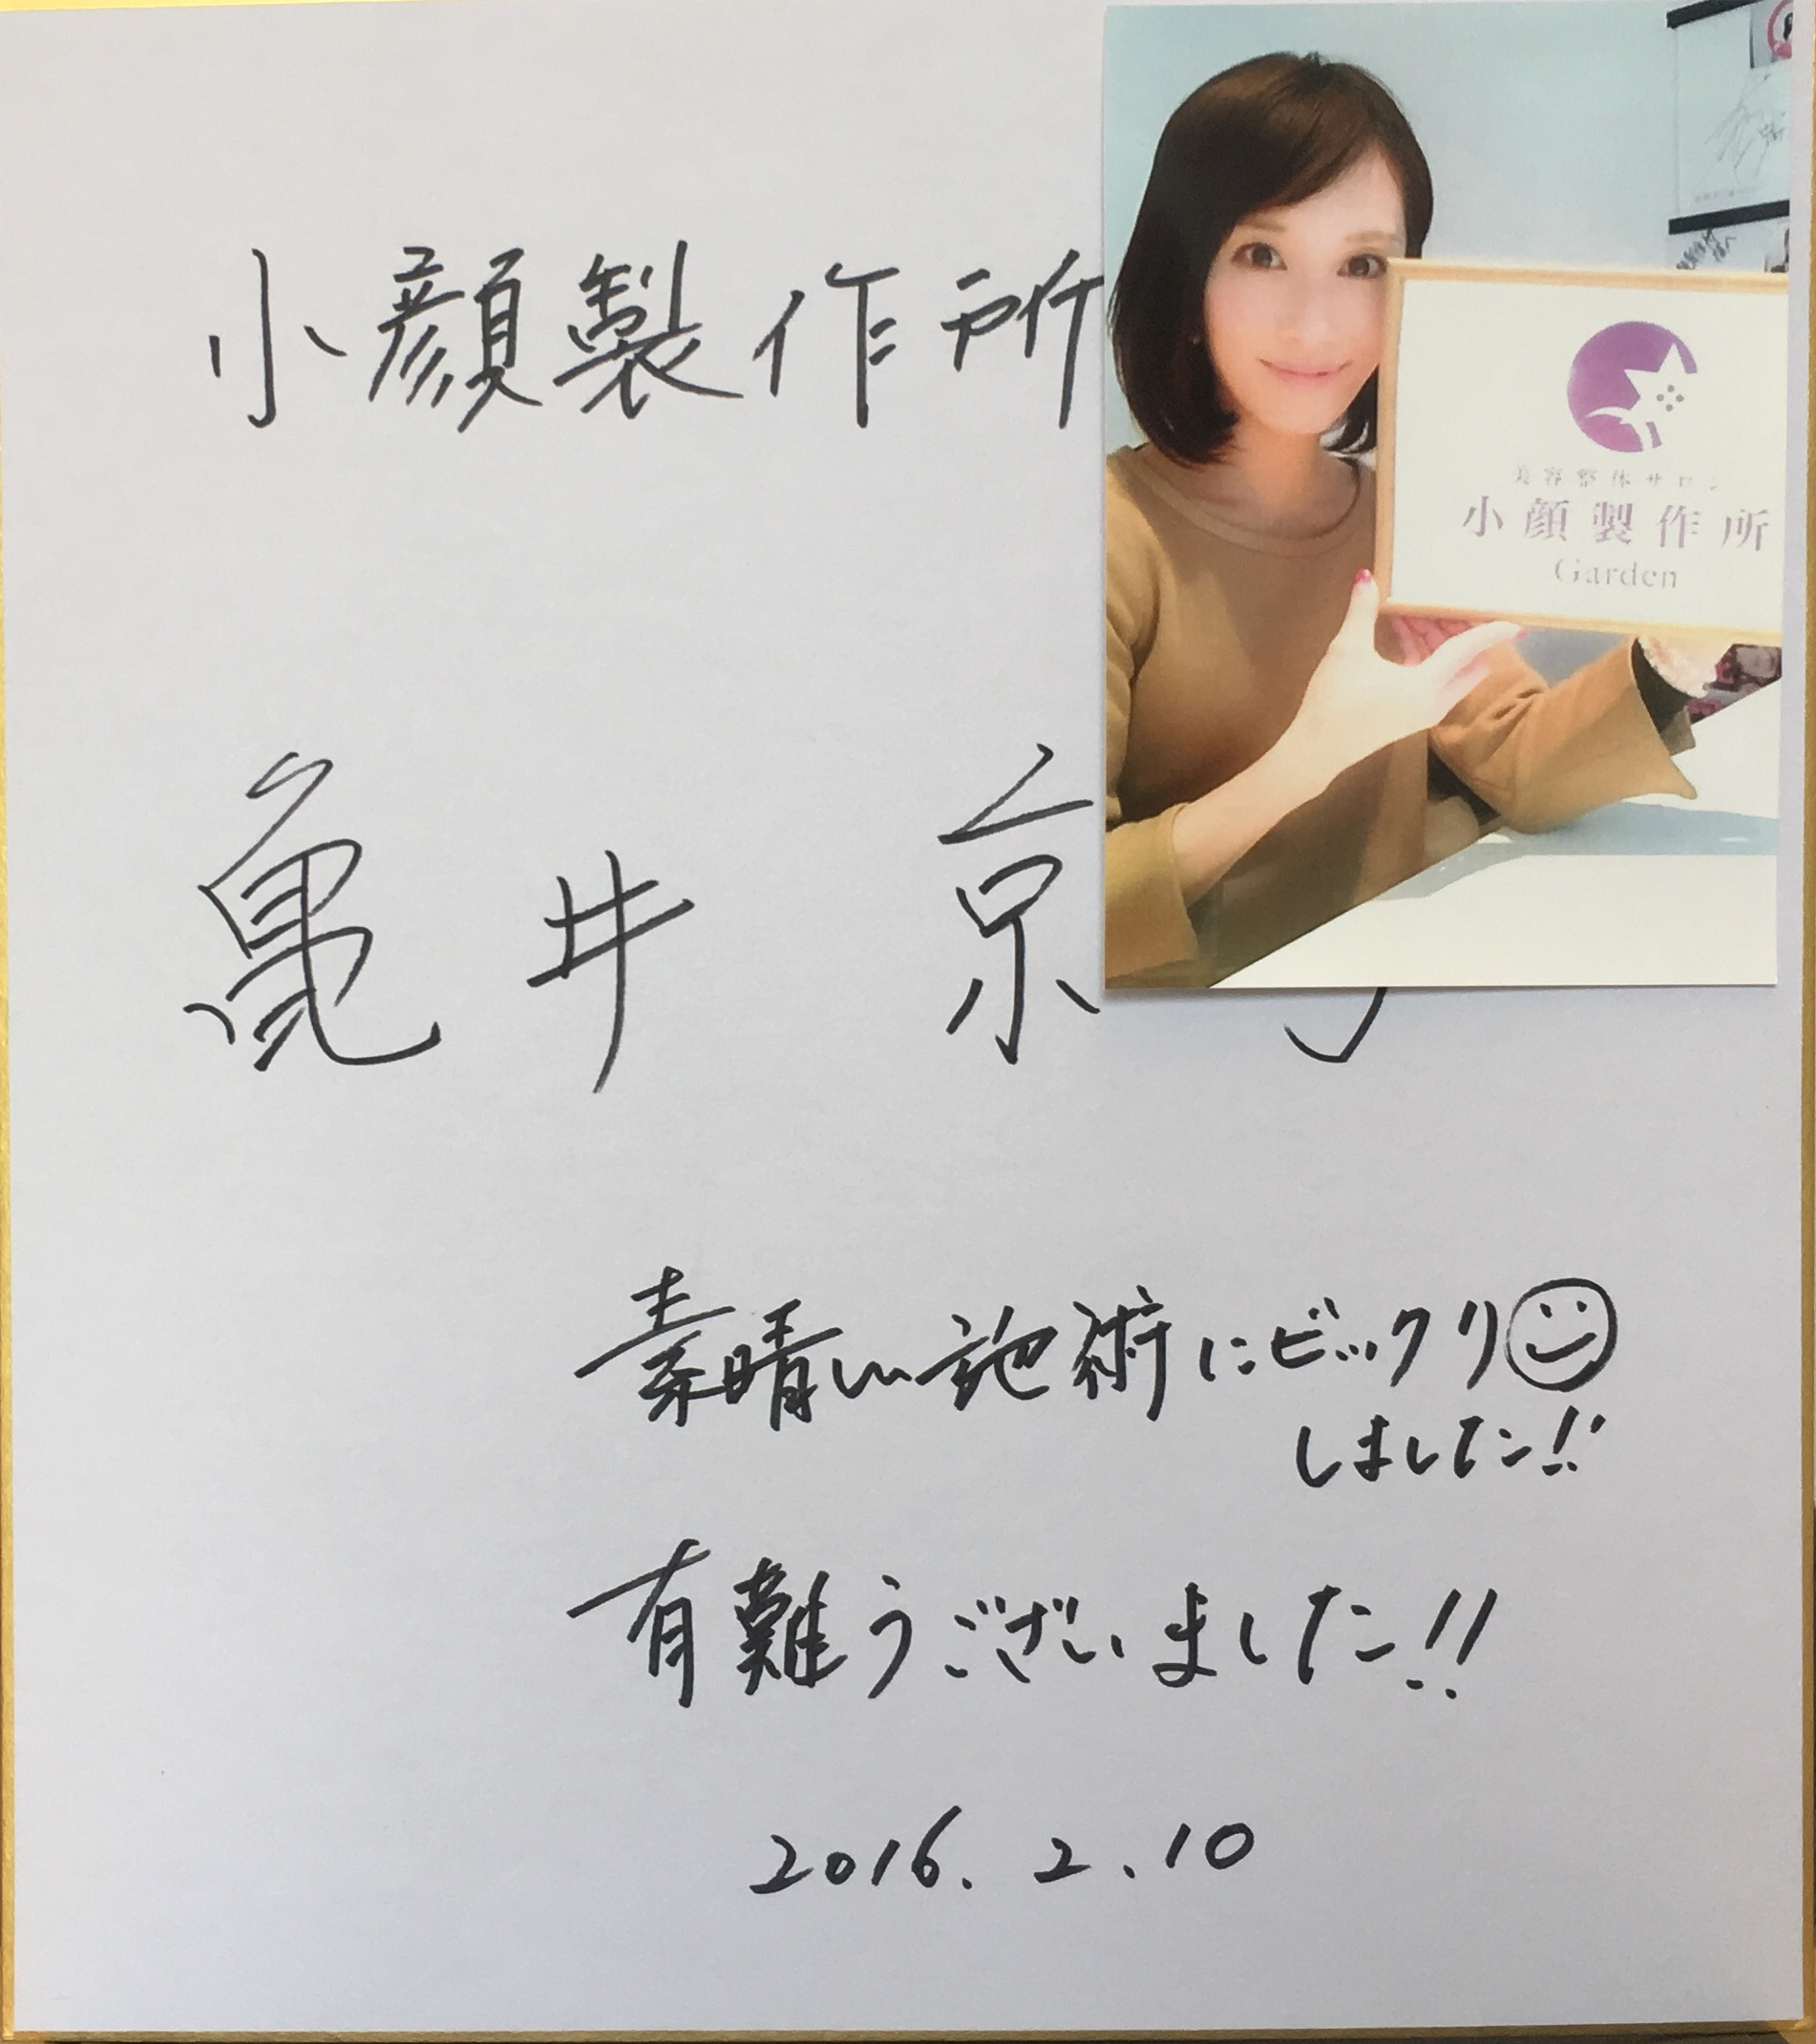 亀井京子 様<br><span>(フリーアナウンサー)</span>